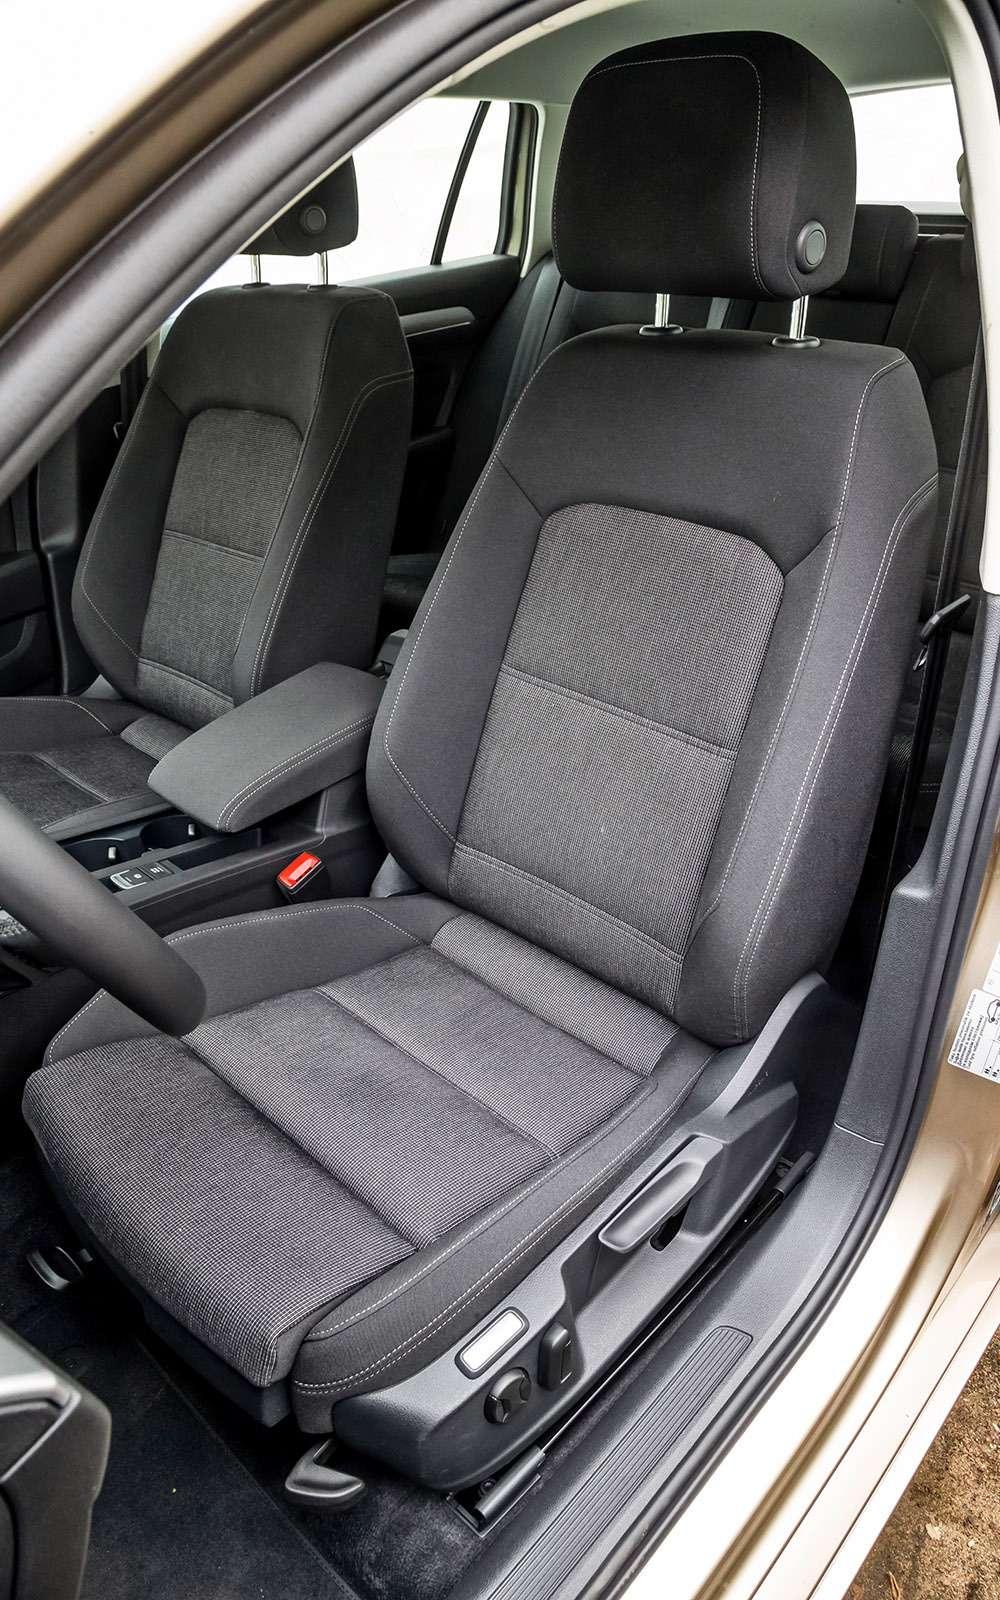 Volkswagen Passat Variant или Alltrack: зачто доплата?— фото 693505